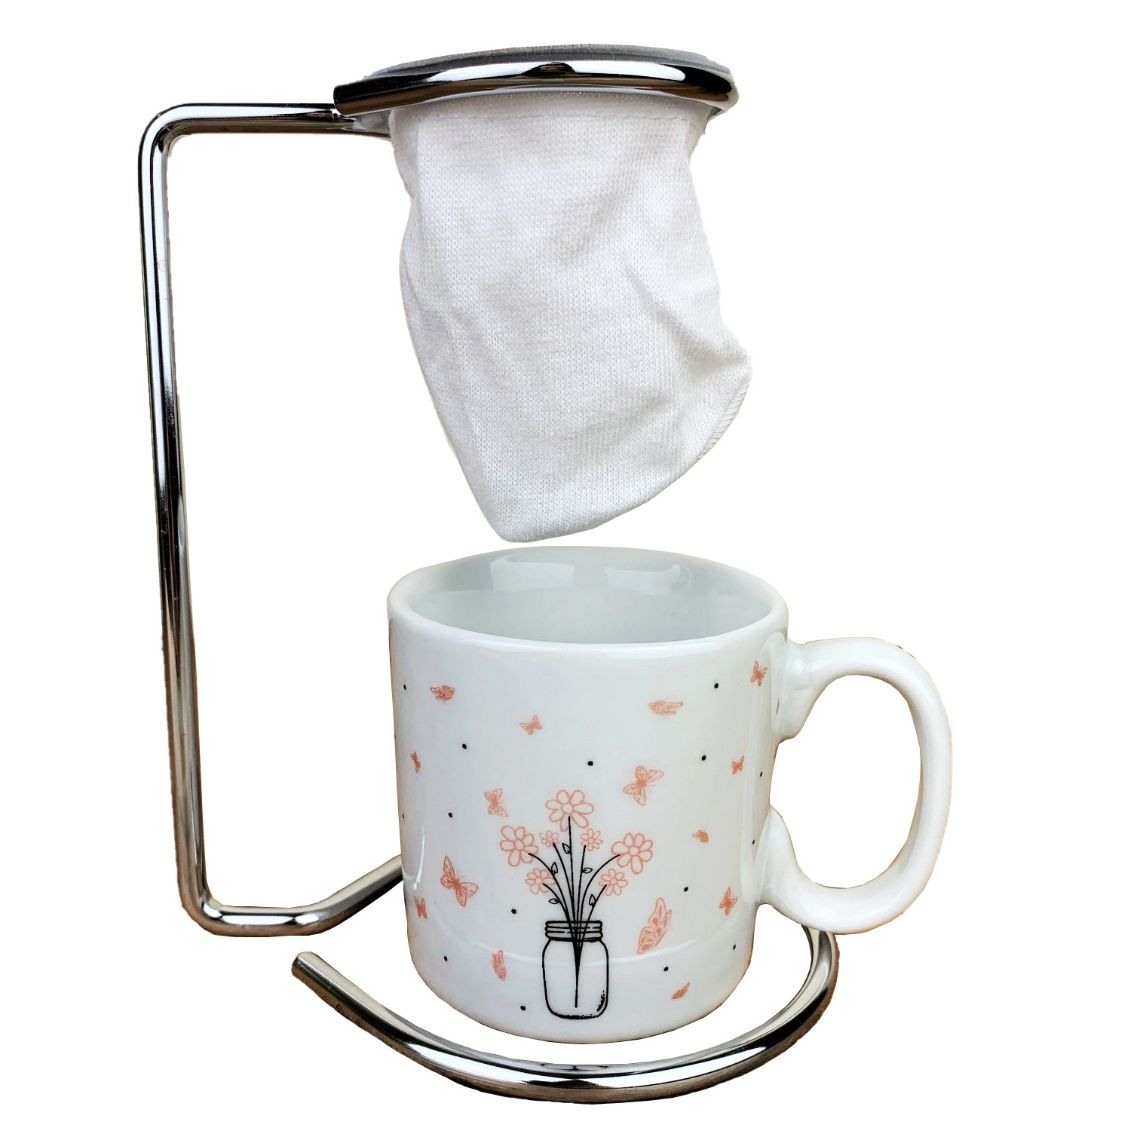 Jogo Coffee Break c/ 3 peças (suporte, coador e xícara de porcelana) coleção exclusiva Garden, 100ml